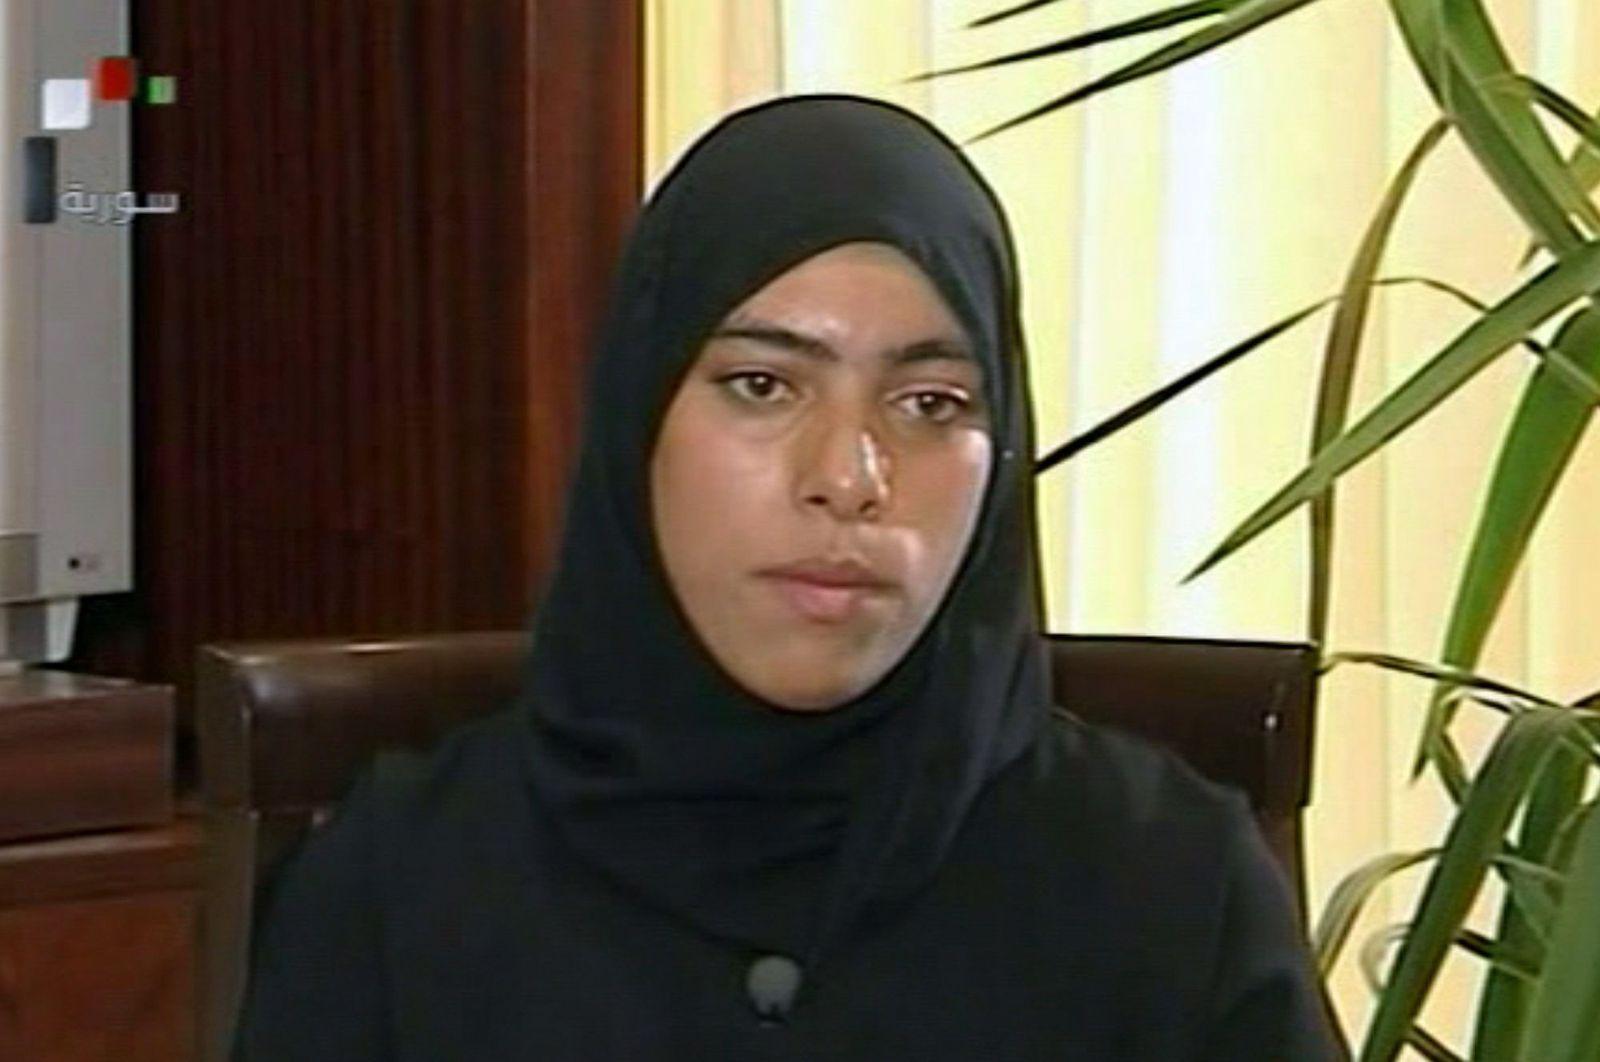 Sainab Al-Hosni